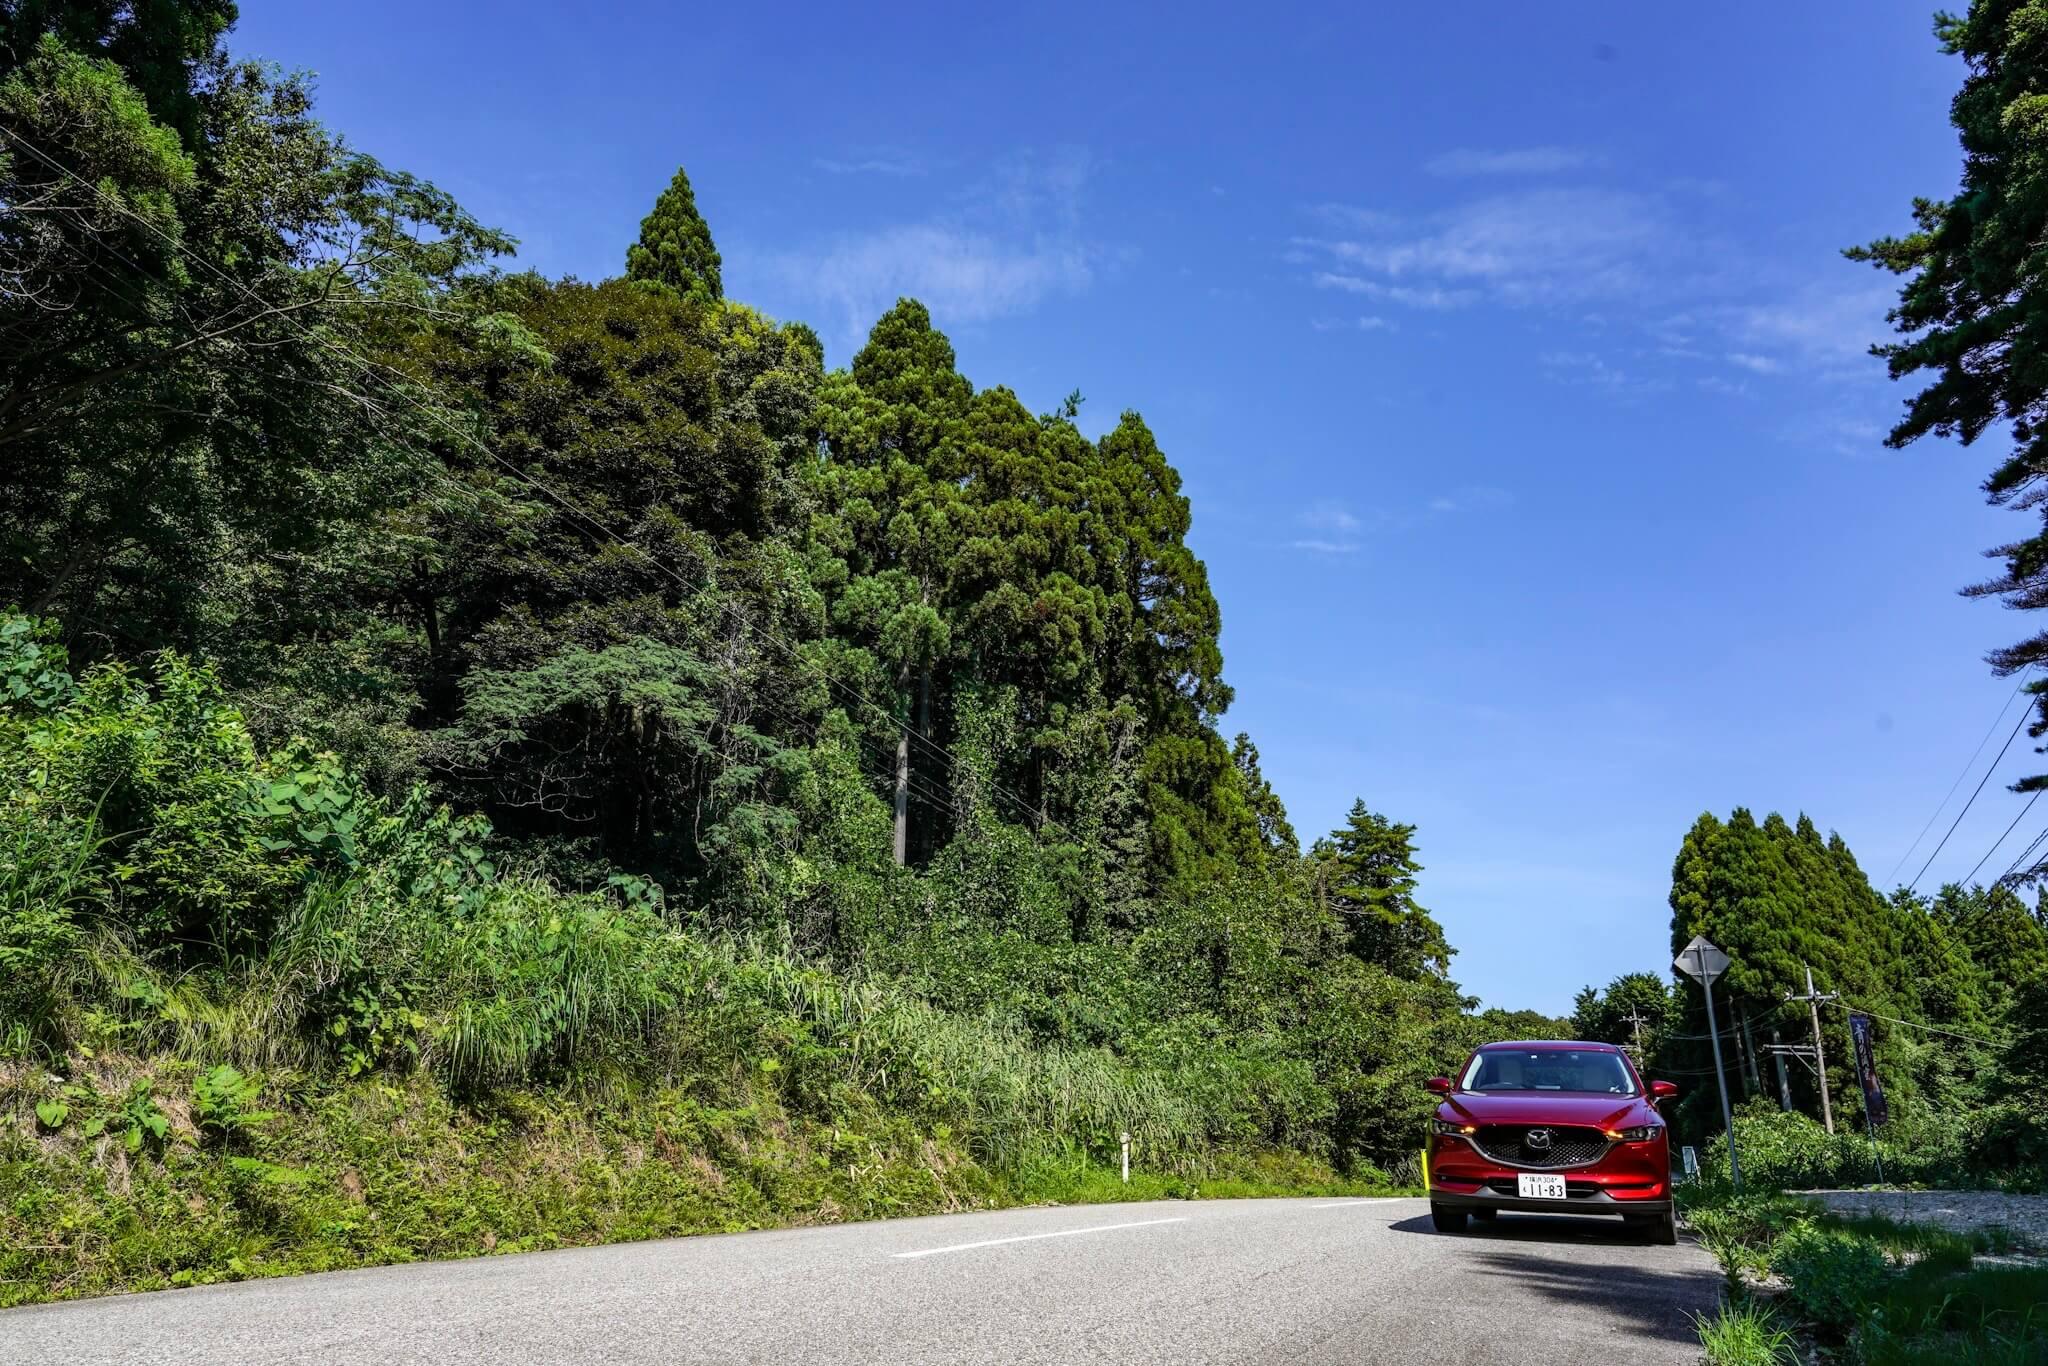 聖域の岬・青の洞窟 パワースポット「県道」